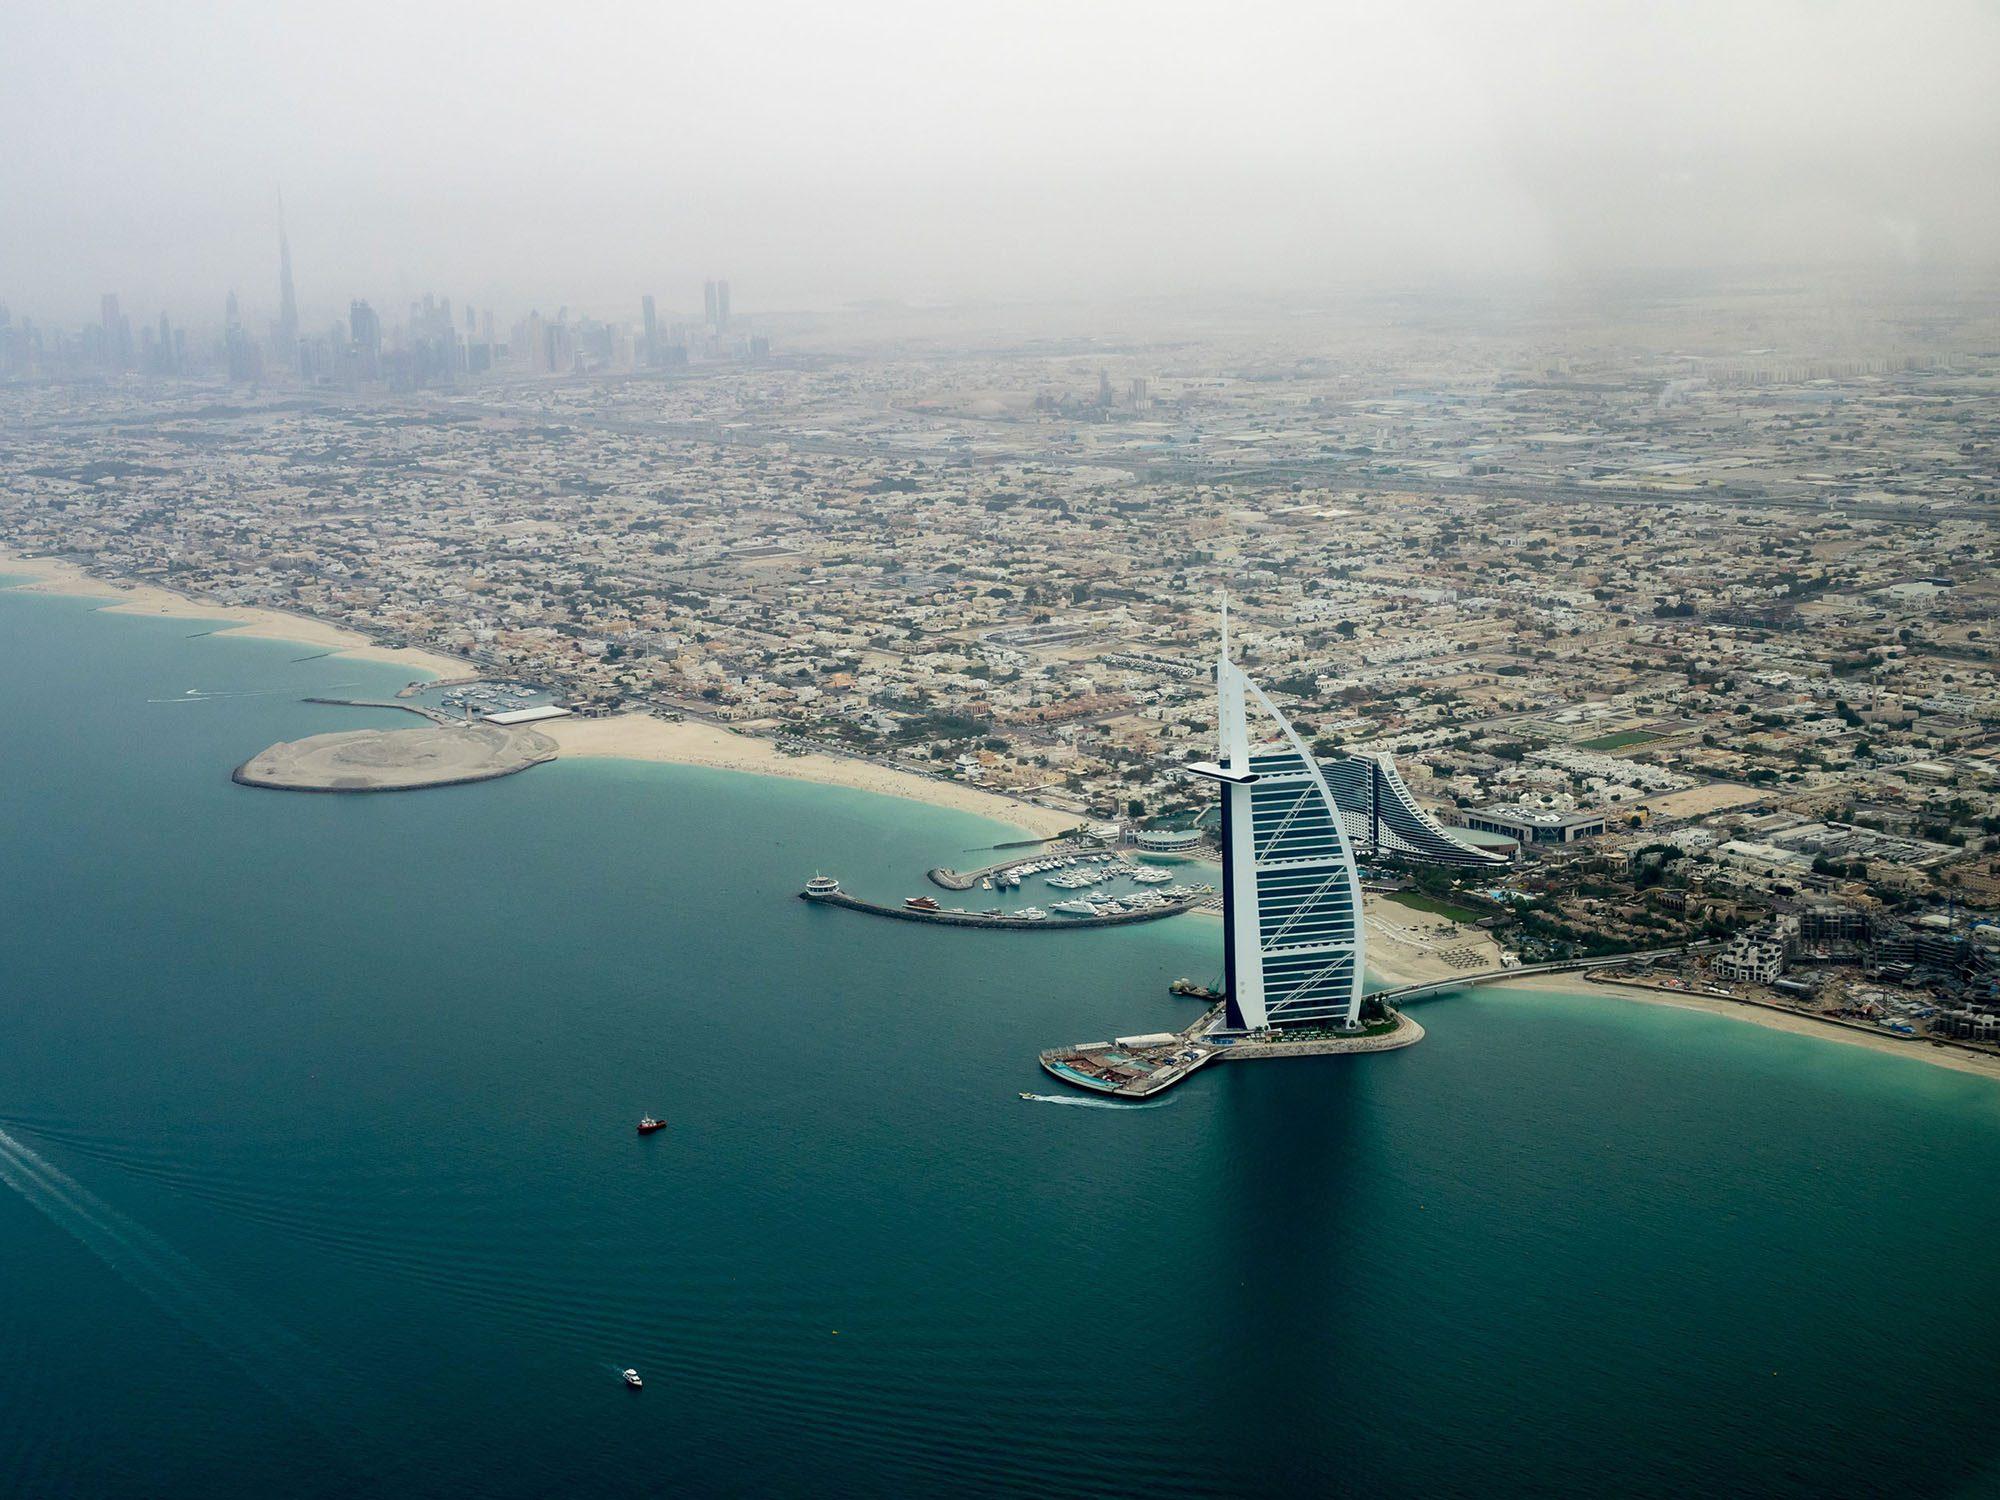 Dubai sea